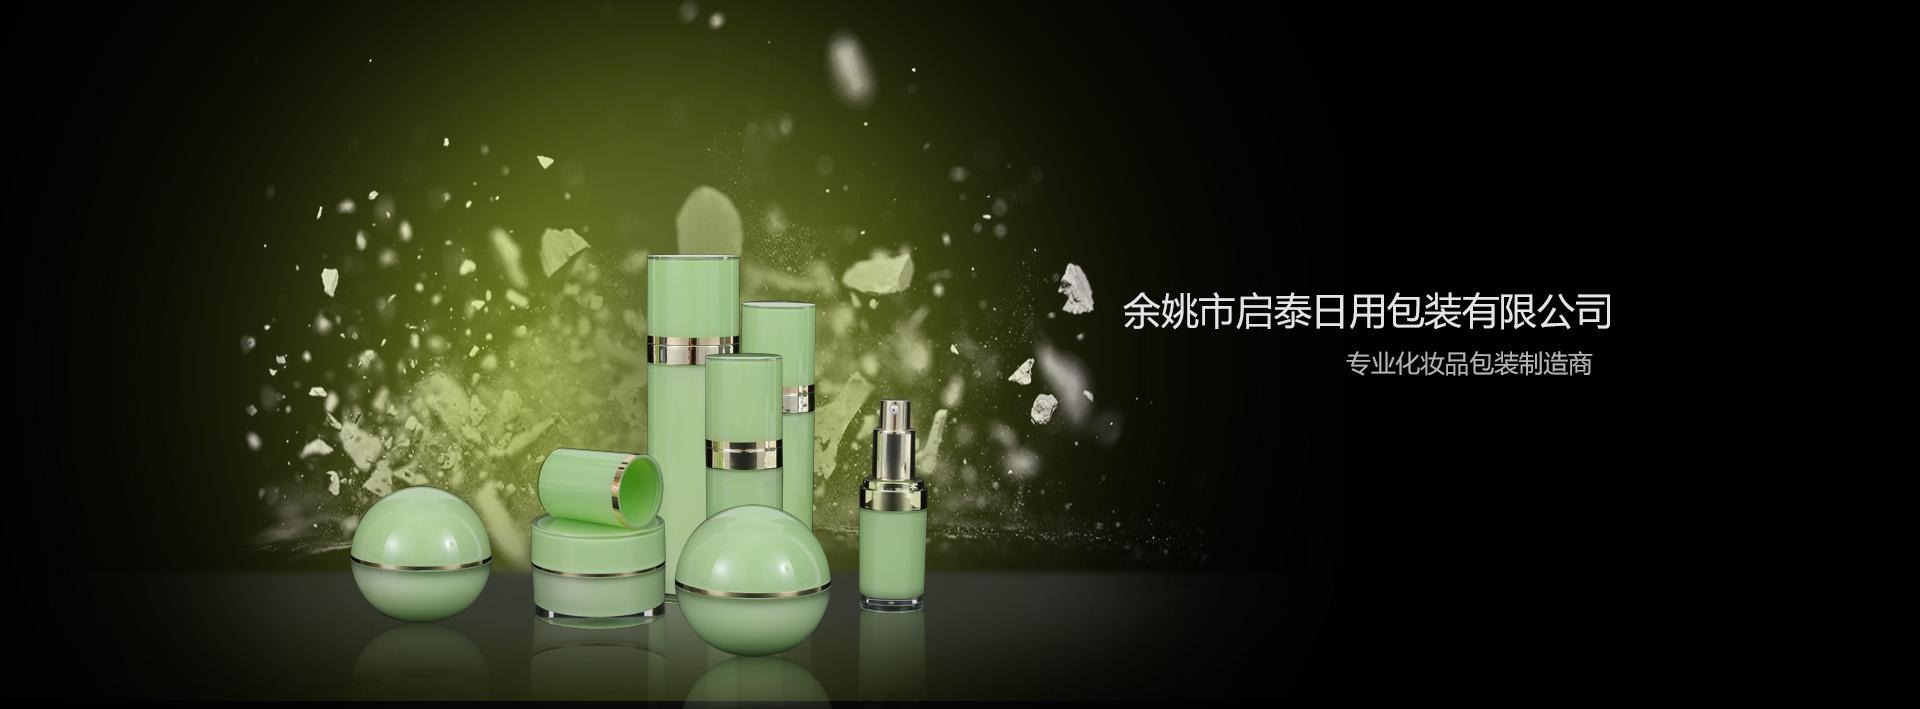 化妆品包装选择哪些合适?